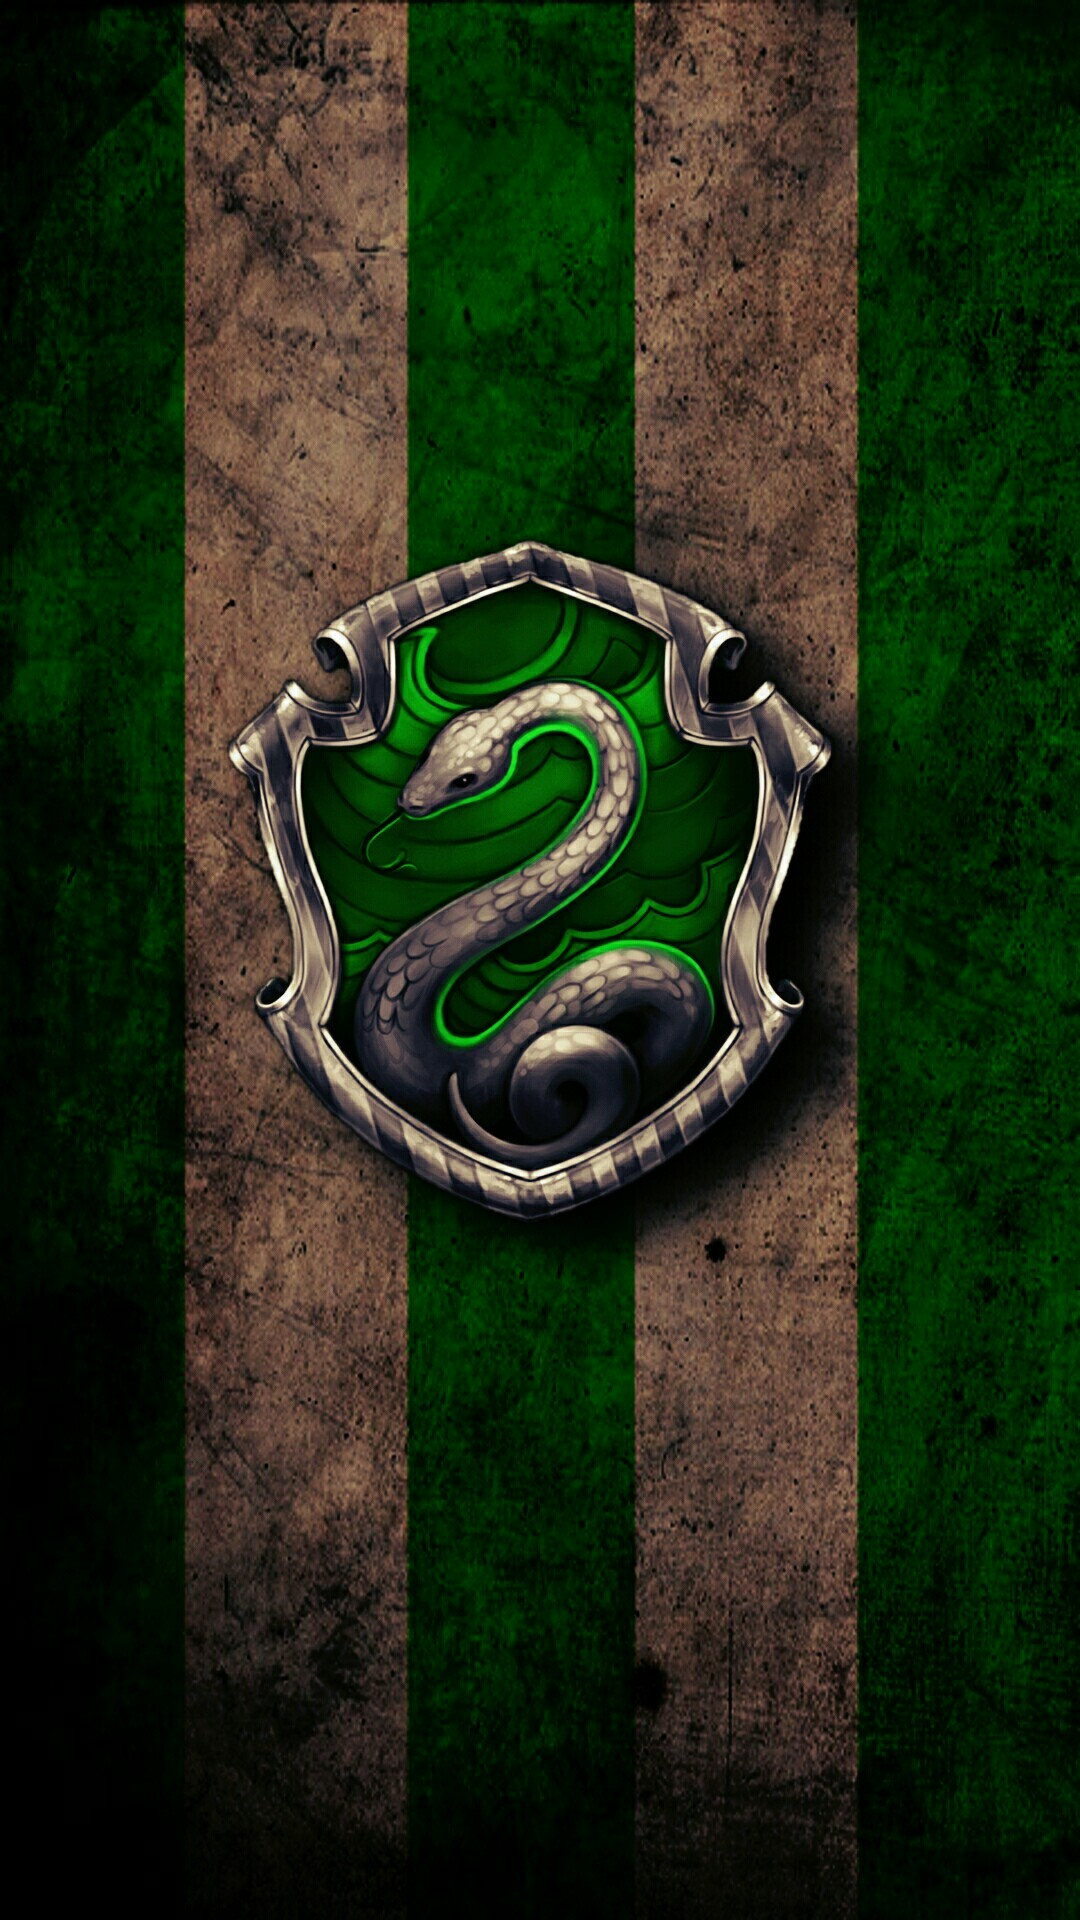 Hogwarts Crest Wallpaper (66+ images)